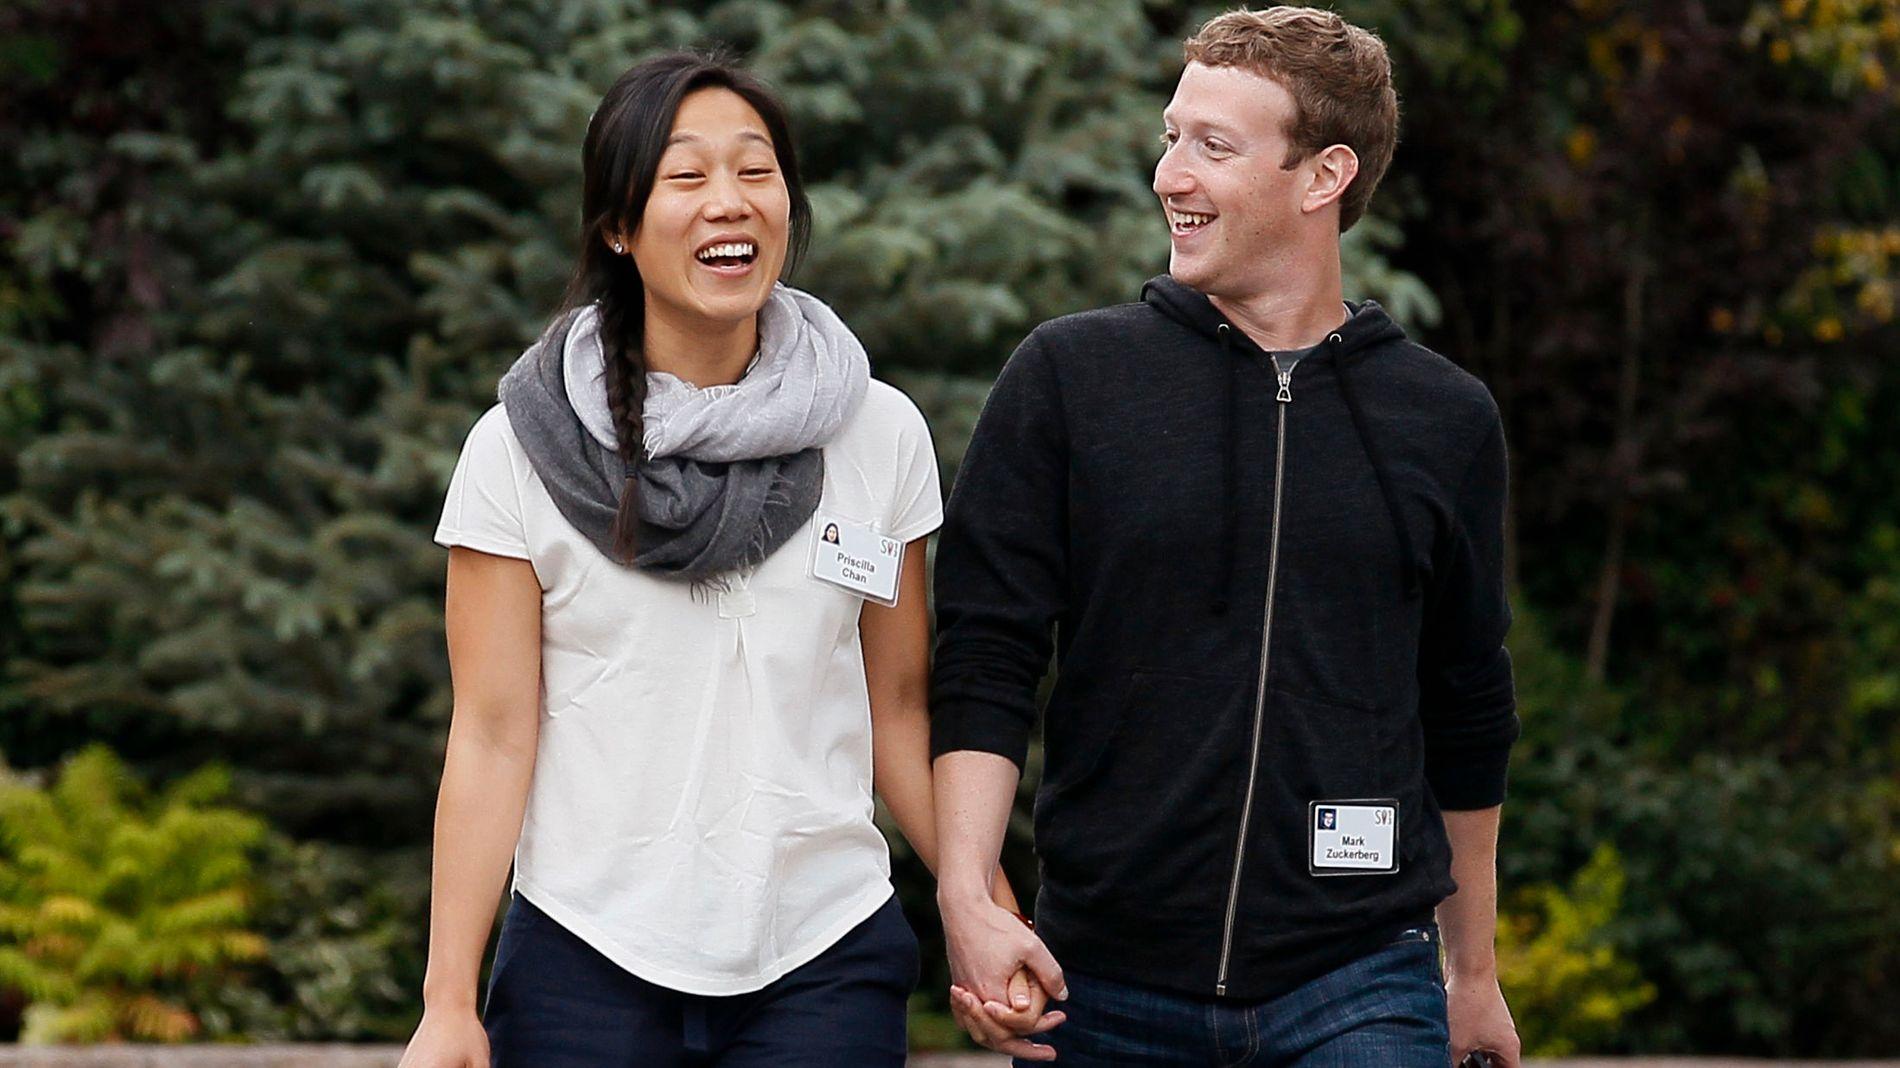 VENTER BARN: Facebook-sjef Mark Zuckerberg og hans kone Priscilla Chan har holdt følge siden 2003, og giftet seg i 2012. Nå venter paret sitt første barn.